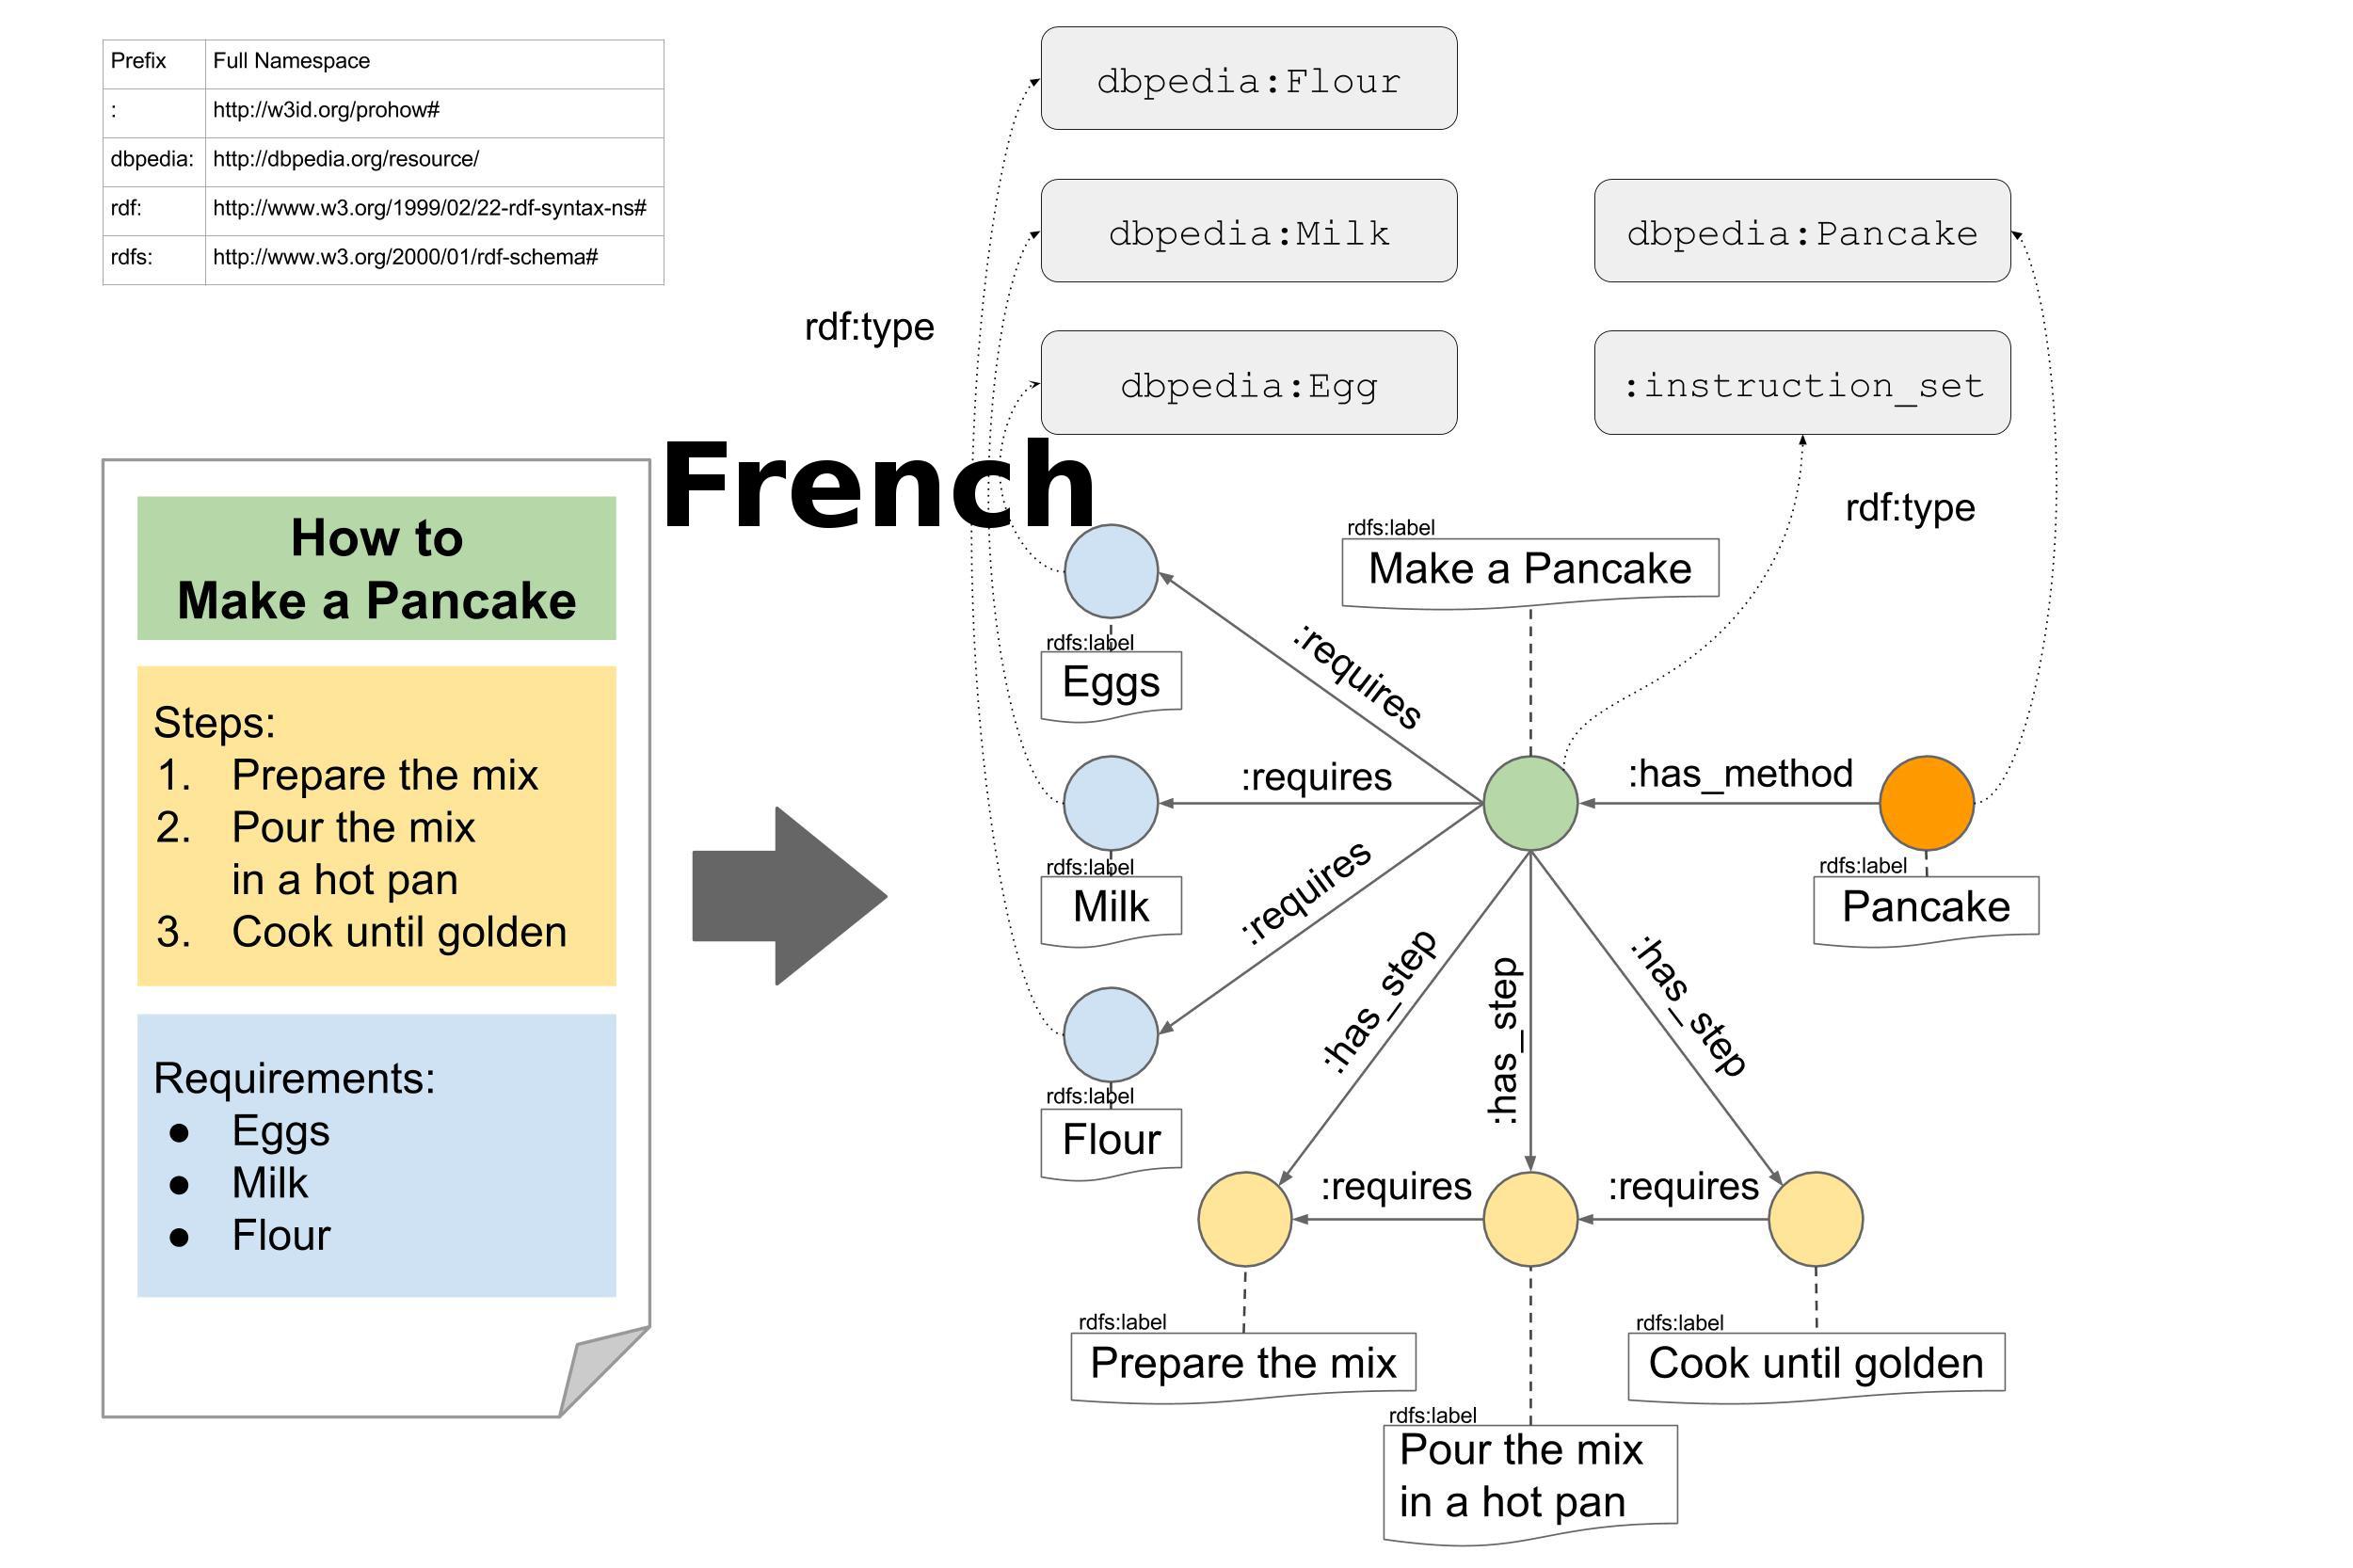 Aménagement Jardin Petite Surface Génial Human Instructions French Wikihow